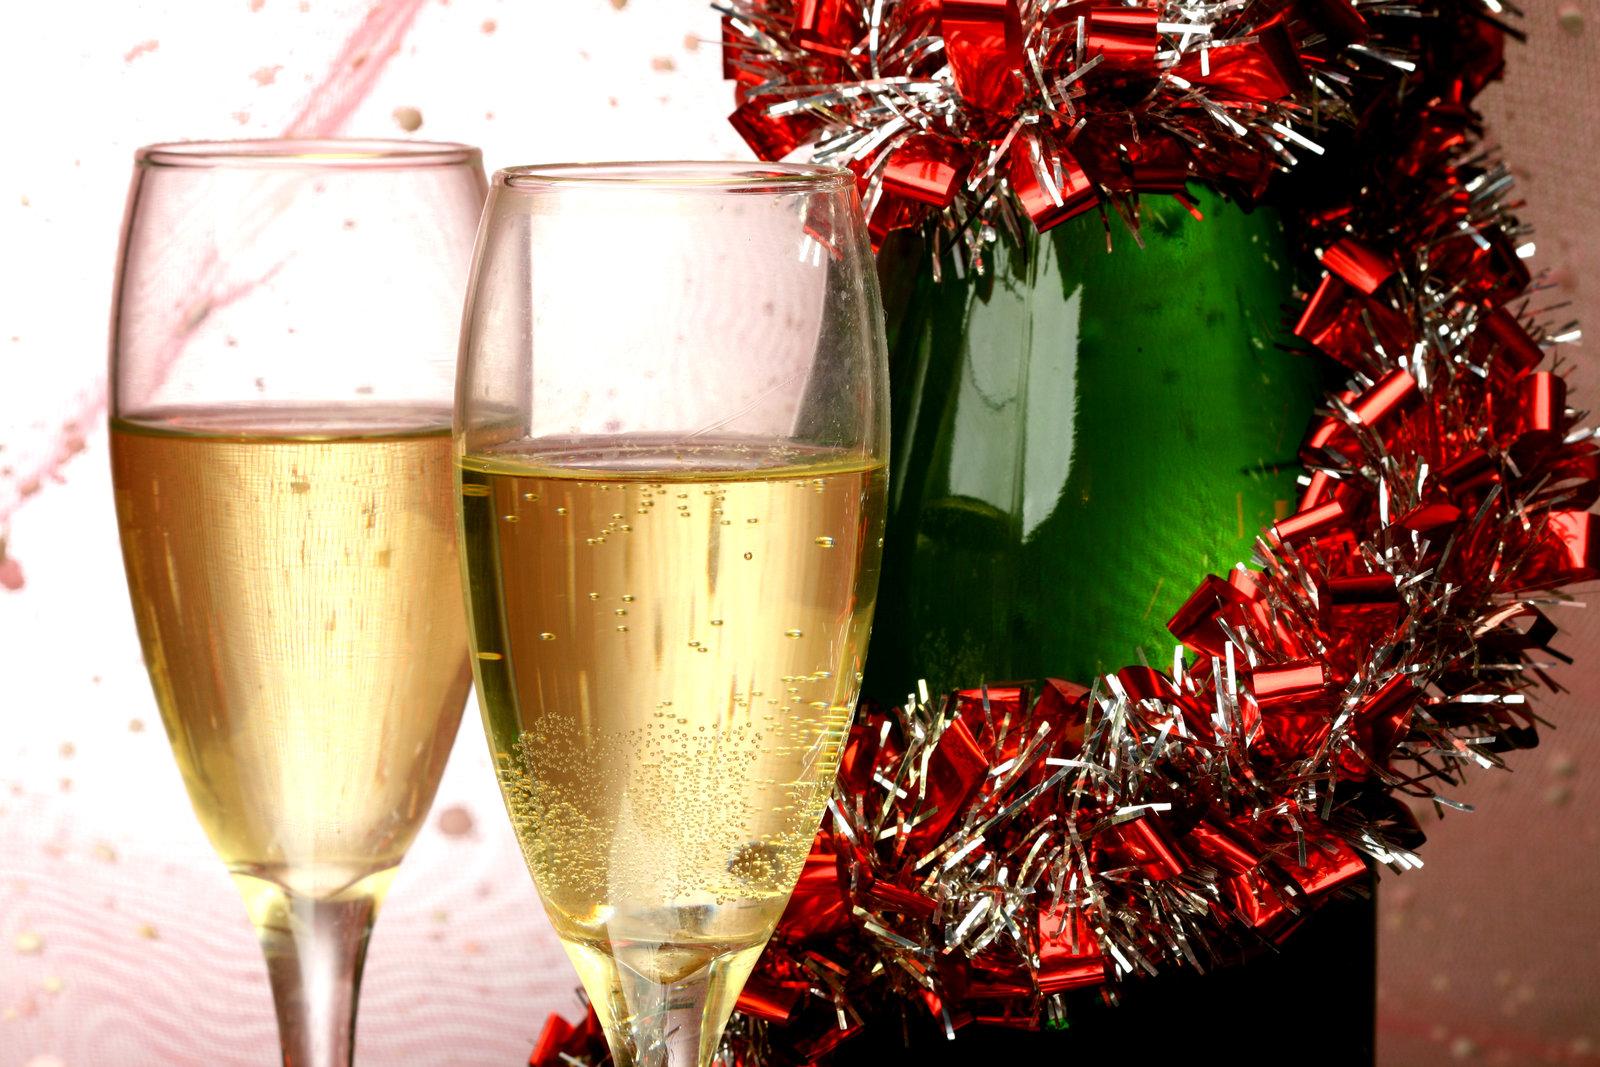 January 2020 Specials – HAPPY NEW YEAR!